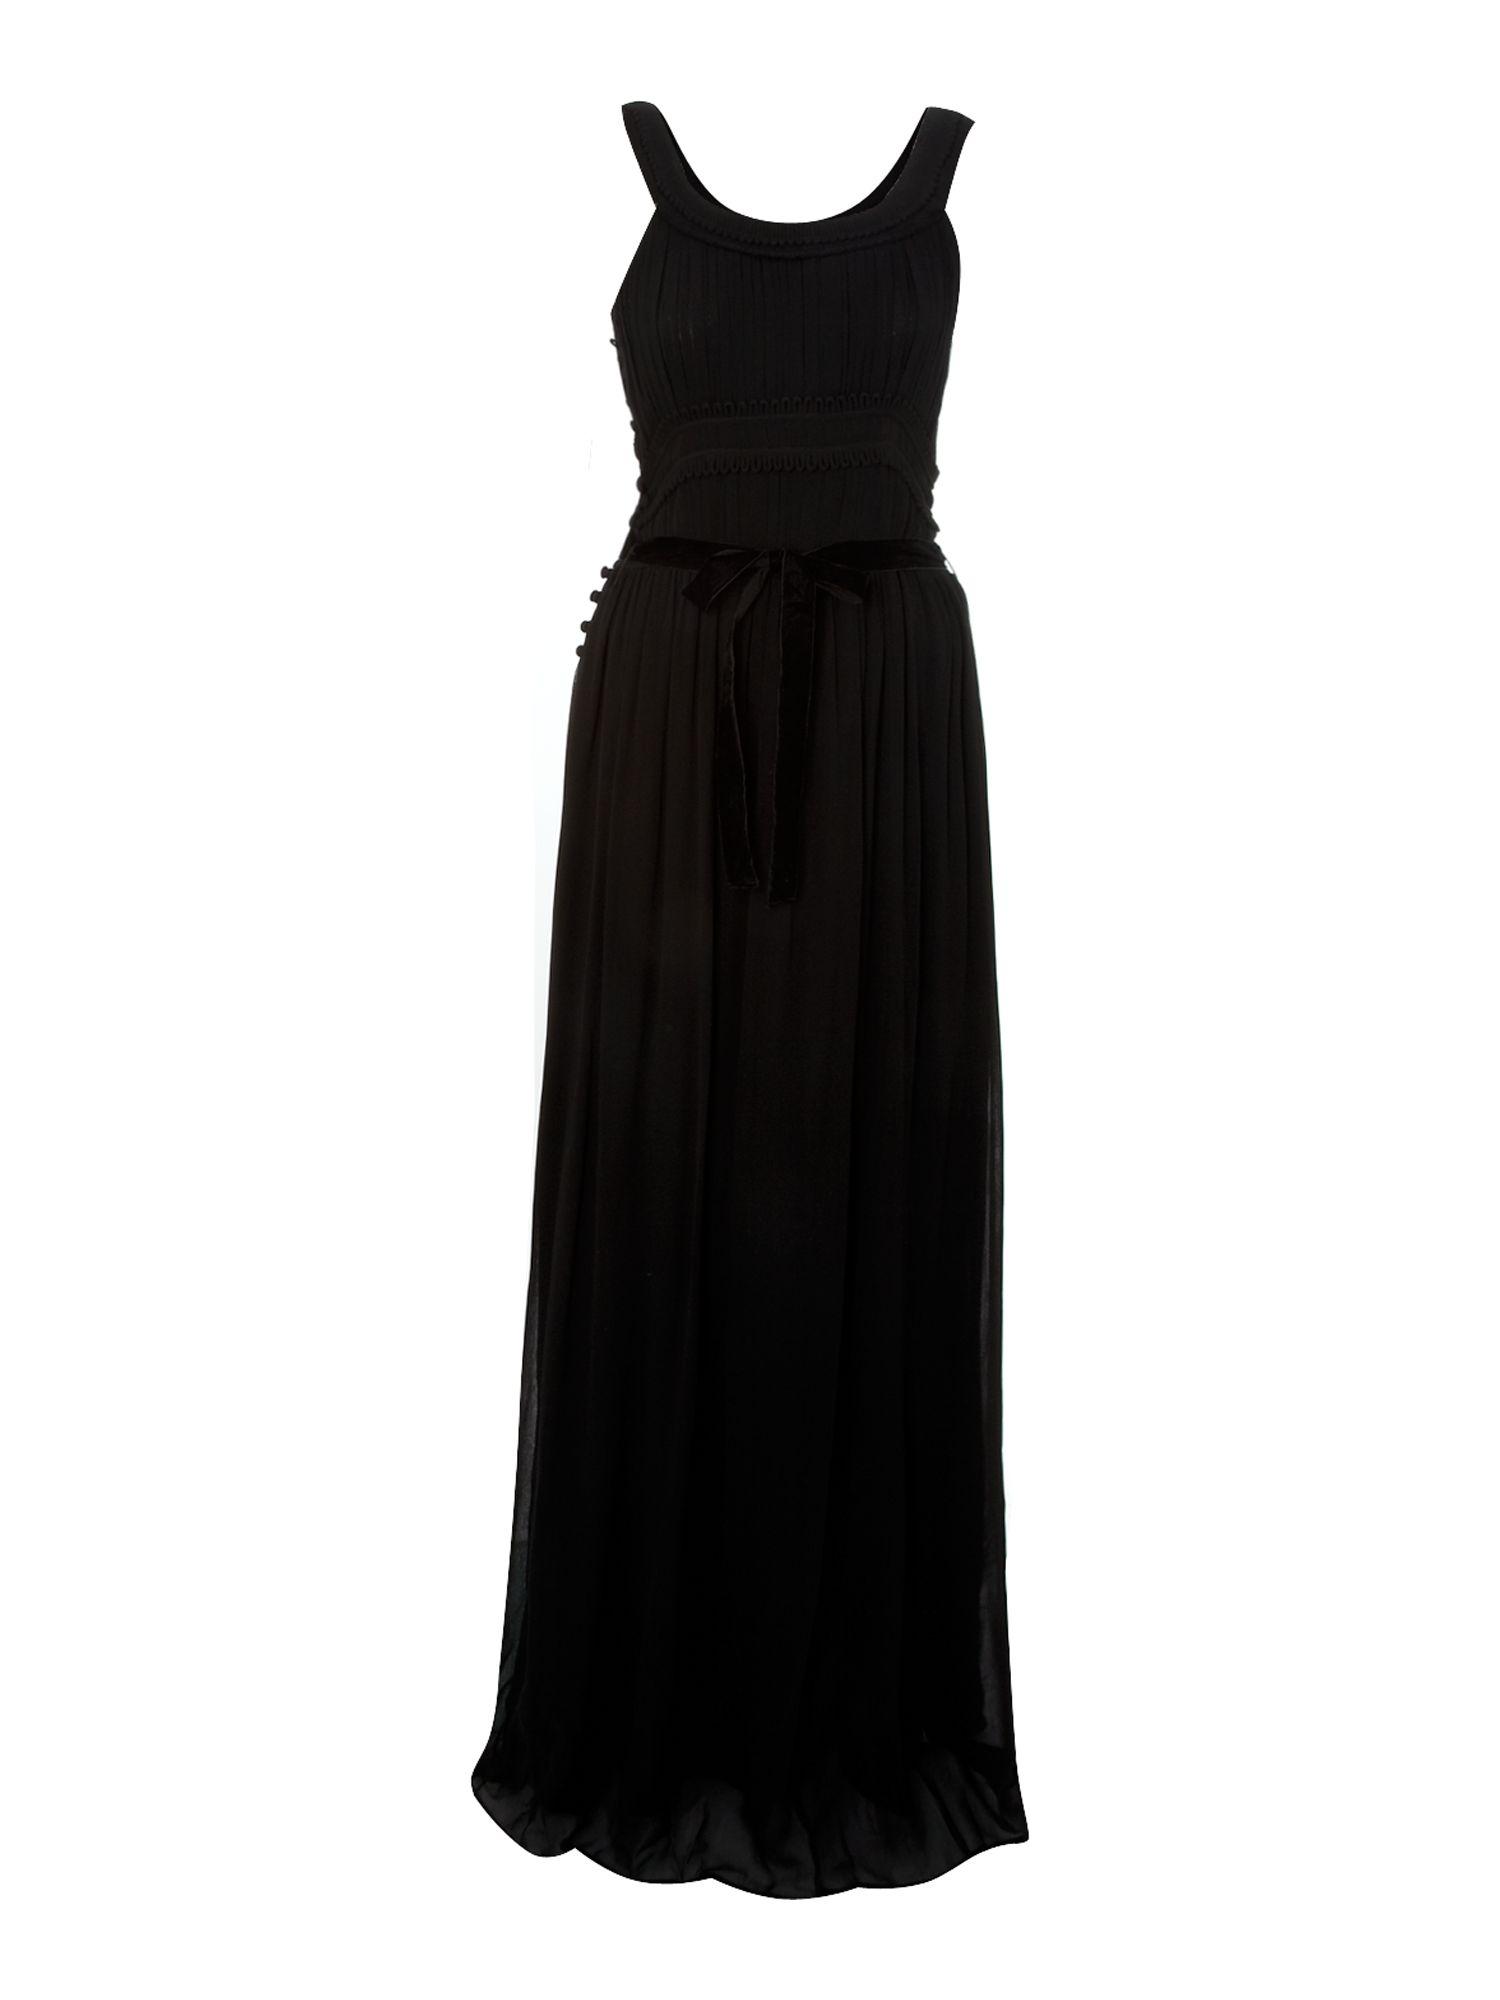 lyst day birger et mikkelsen night enchanting dress in black. Black Bedroom Furniture Sets. Home Design Ideas